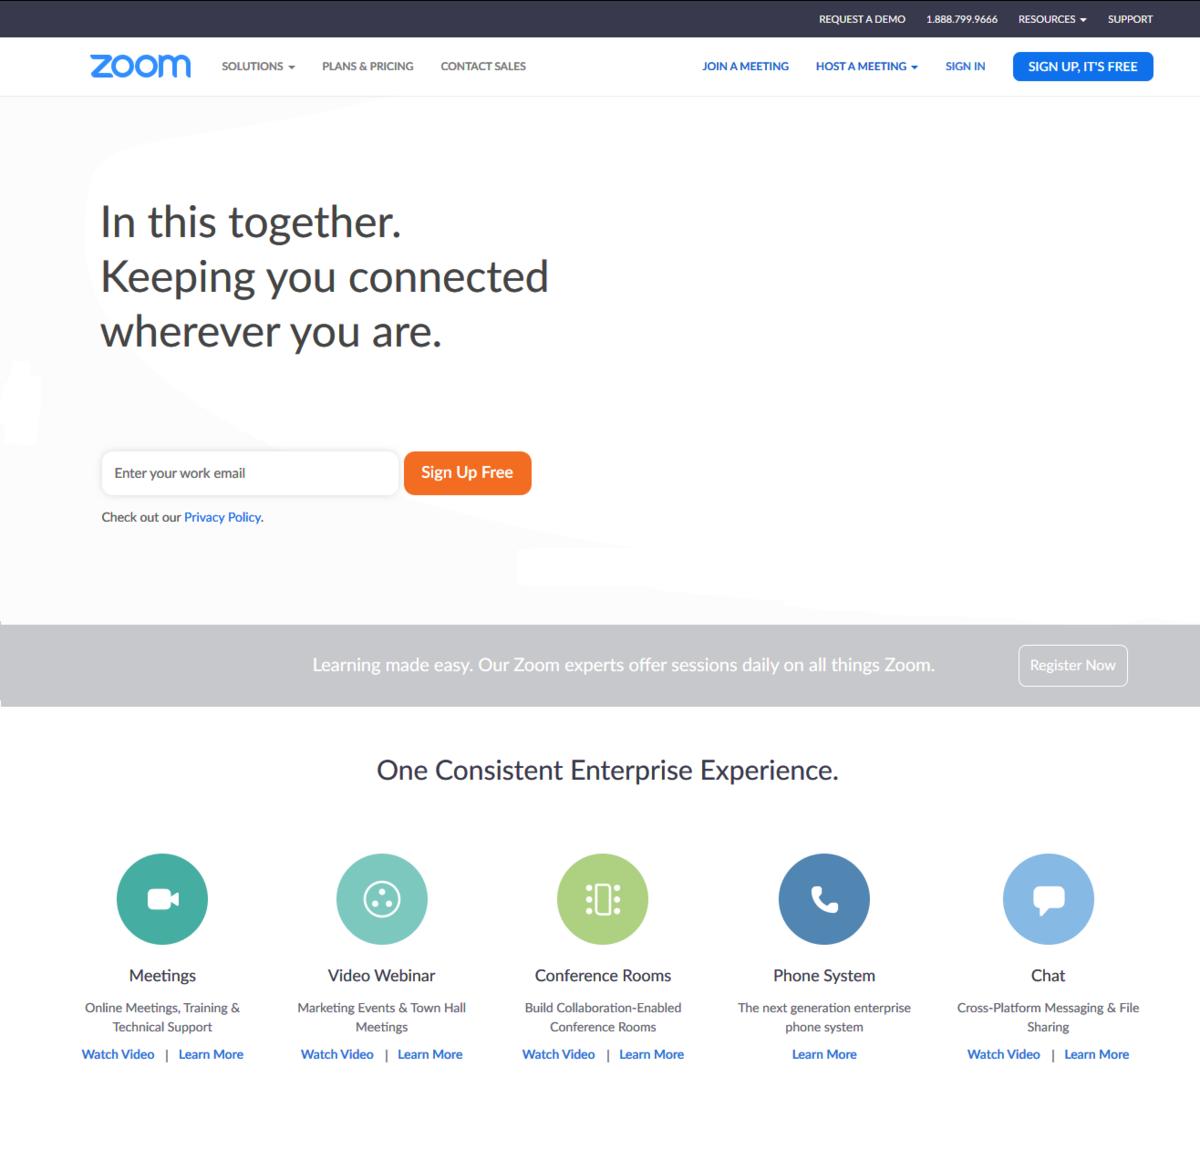 Zoom Video Communications - Wikipedia